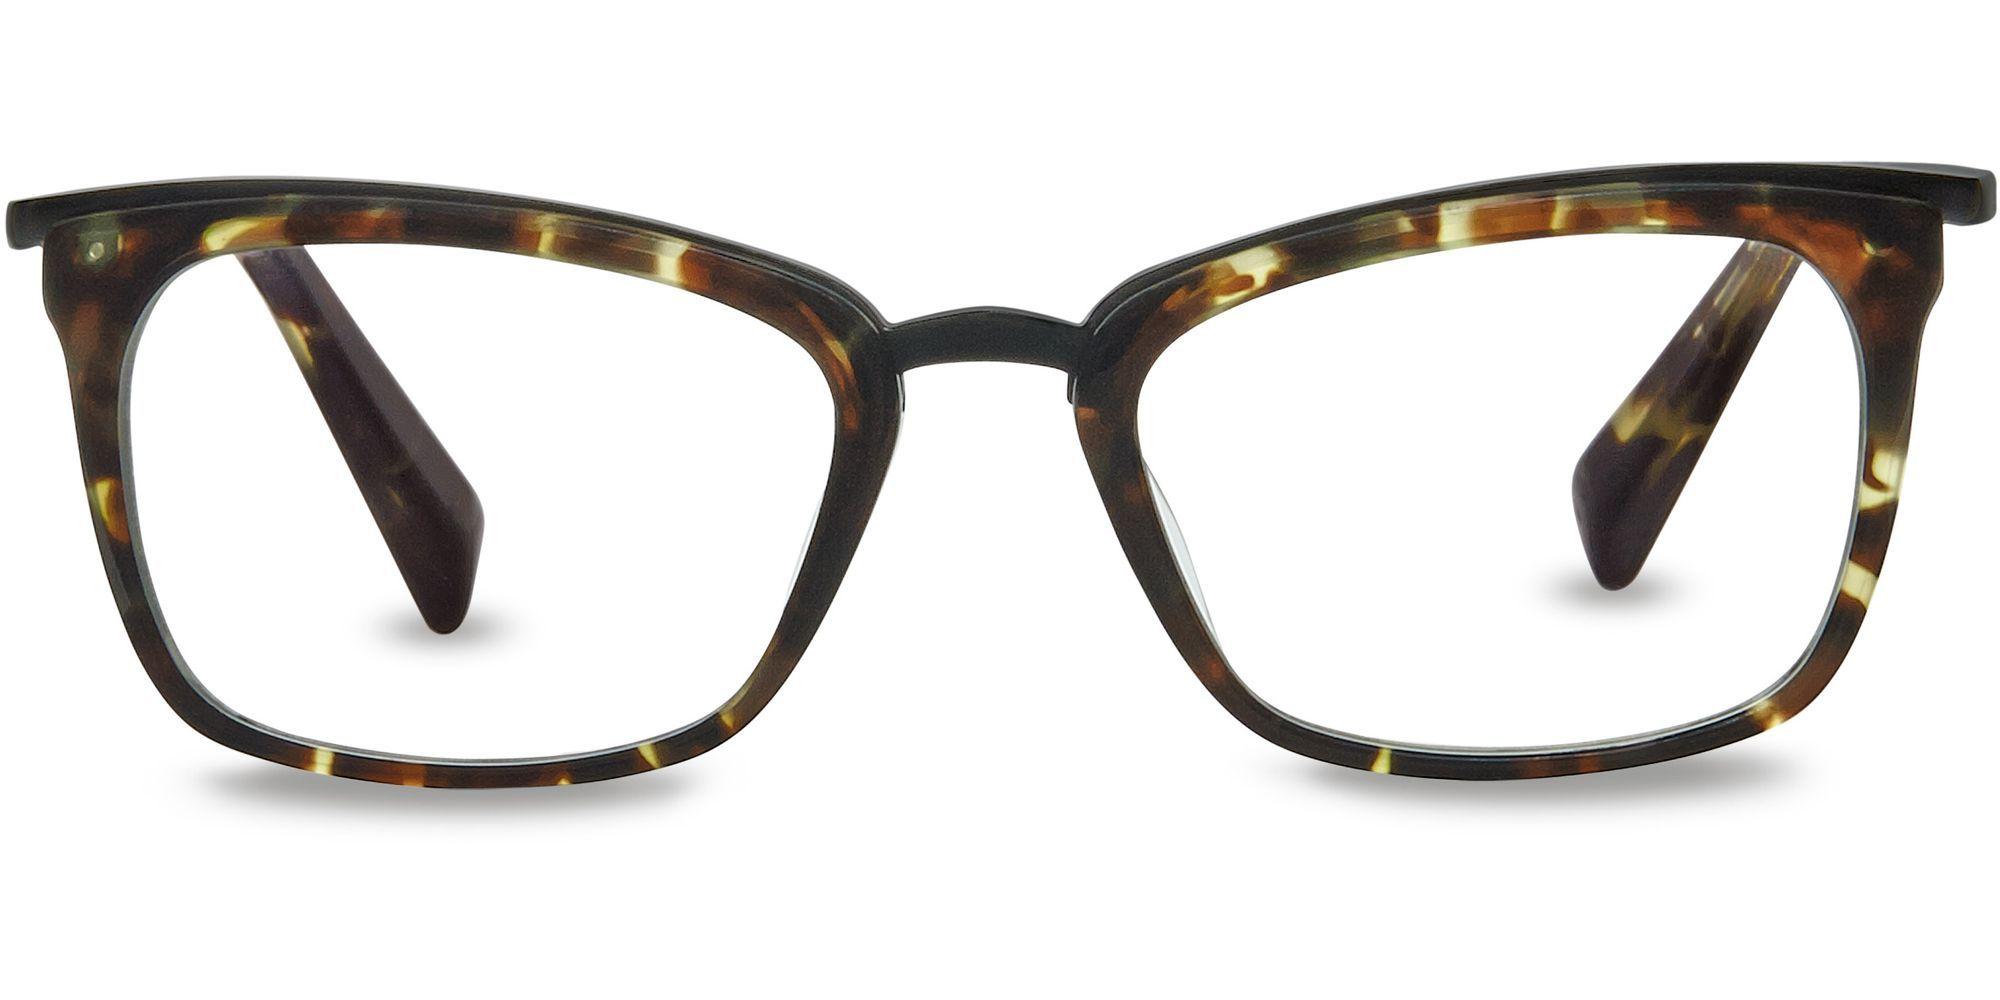 c0b349cb1ab5 Warby Parker Carnaby Eyeglasses in Burnt Lemon Tortoise